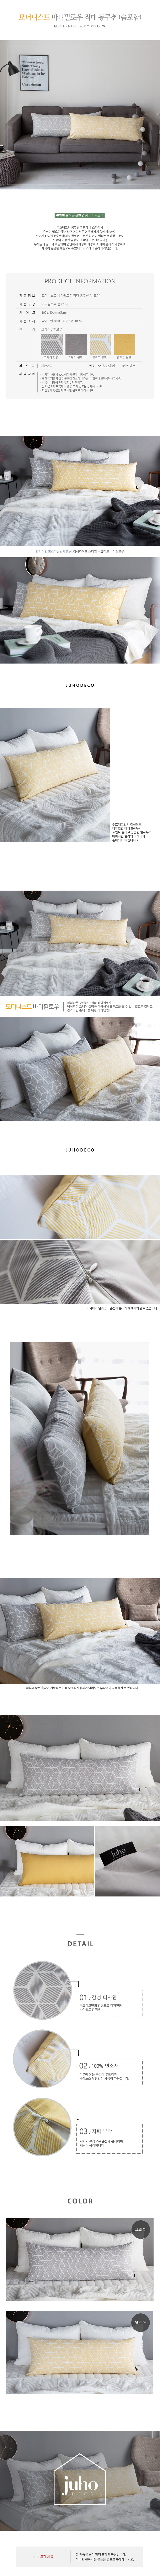 모더니스트 바디필로우 직대 롱쿠션(솜포함) - 주호데코, 22,000원, 쿠션, 허리쿠션